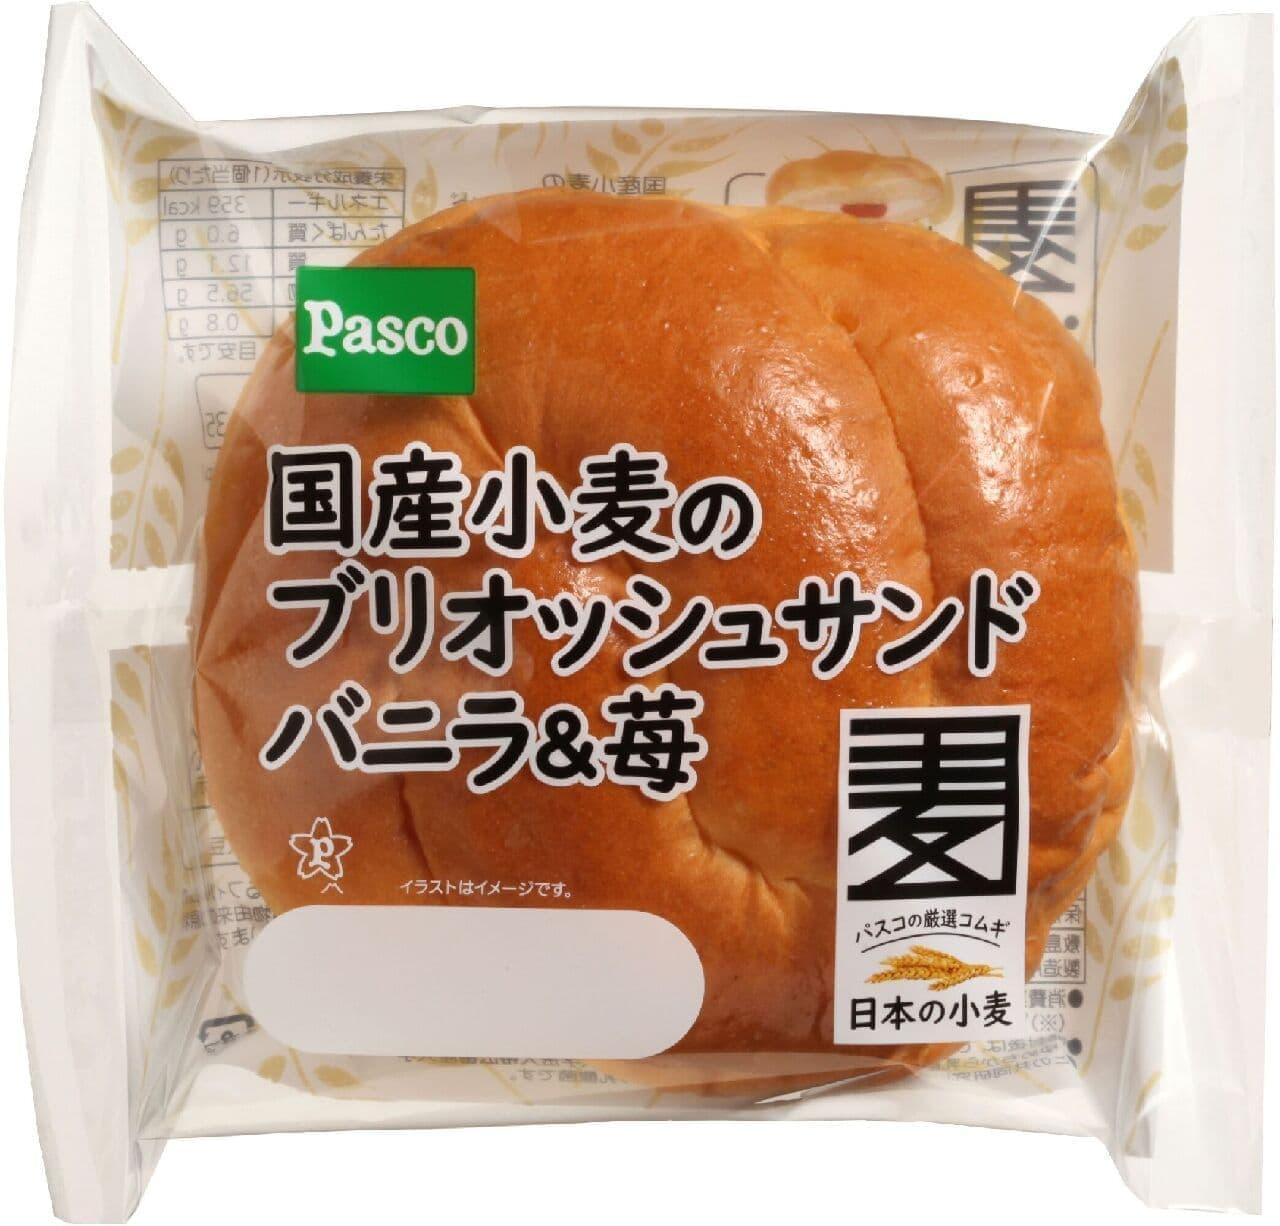 パスコ「国産小麦のブリオッシュサンド バニラ&苺」